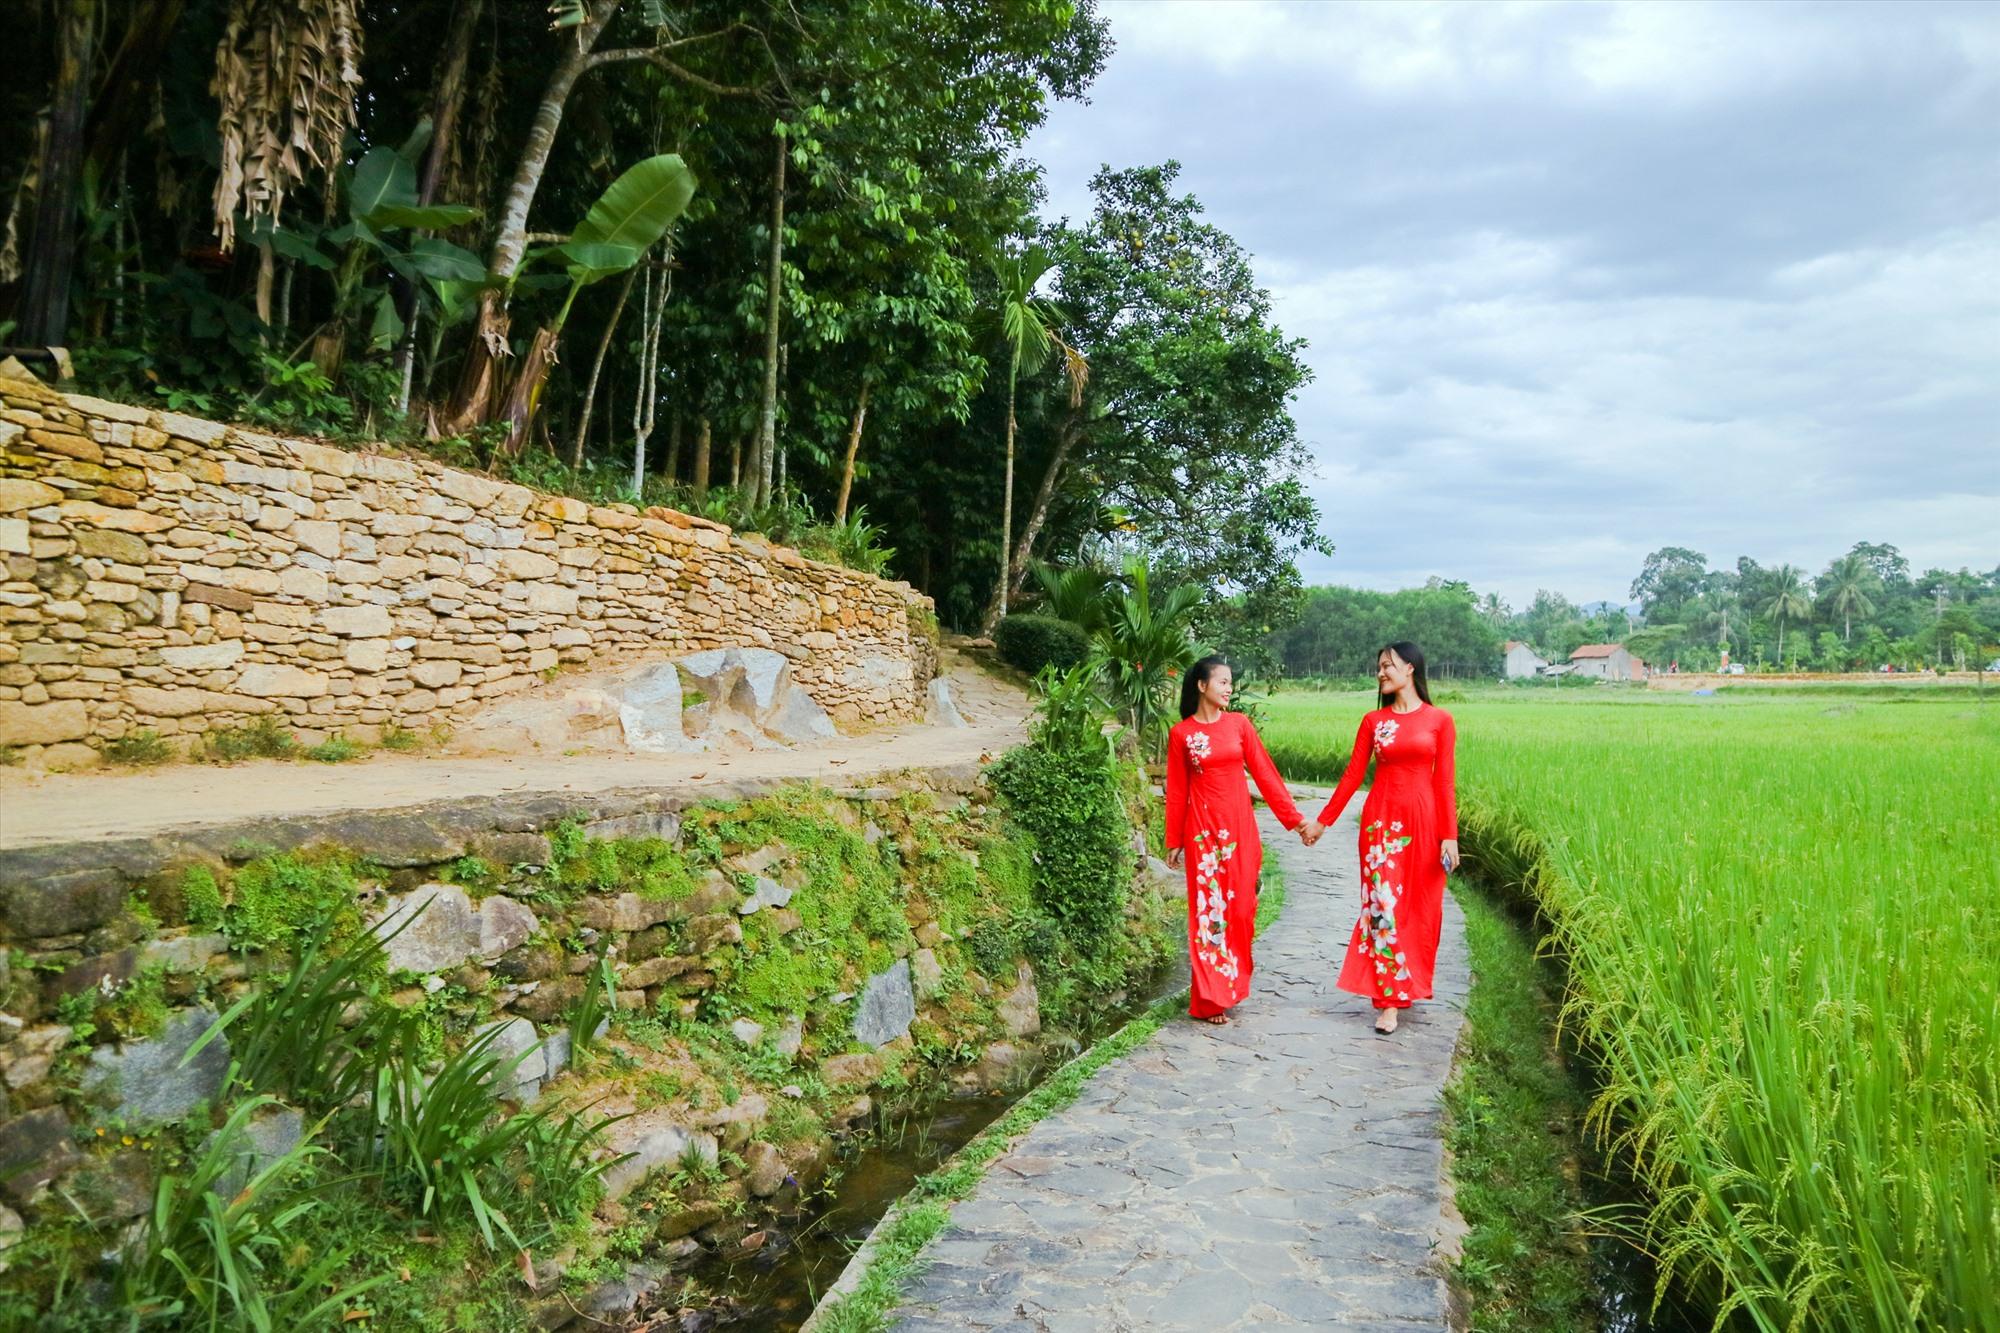 Thanh bình làng cổ Lộc Yên (Tiên Phước). Ảnh: PHƯƠNG THẢO